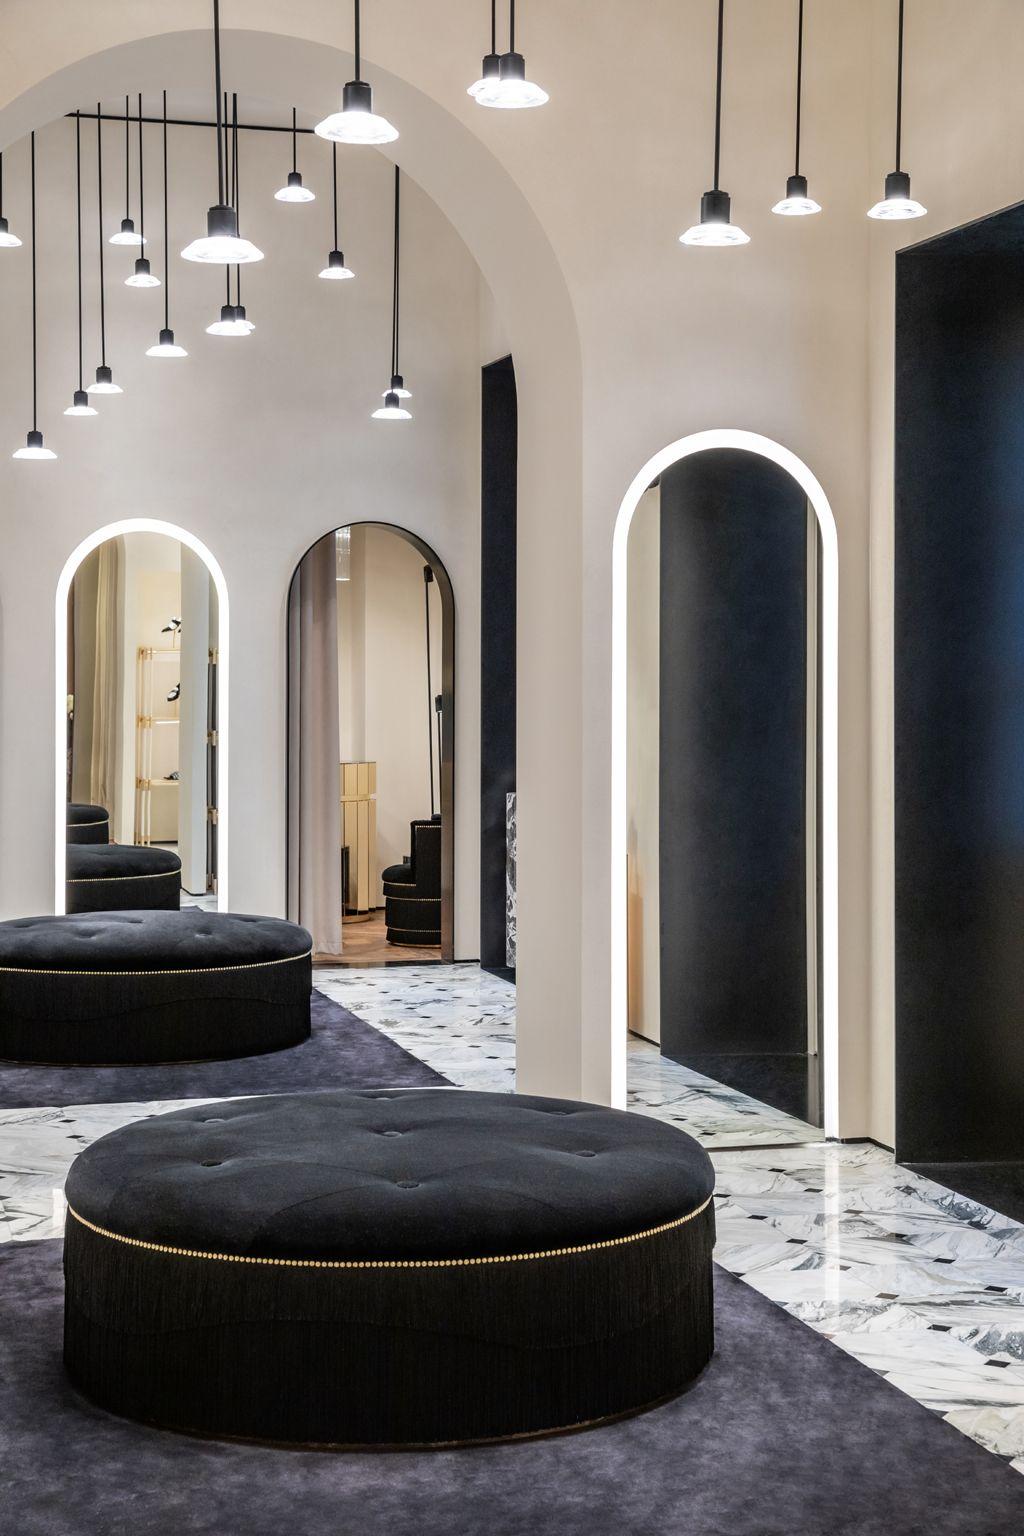 Balmain Paris In Love With Balmain Showroom Interior Design